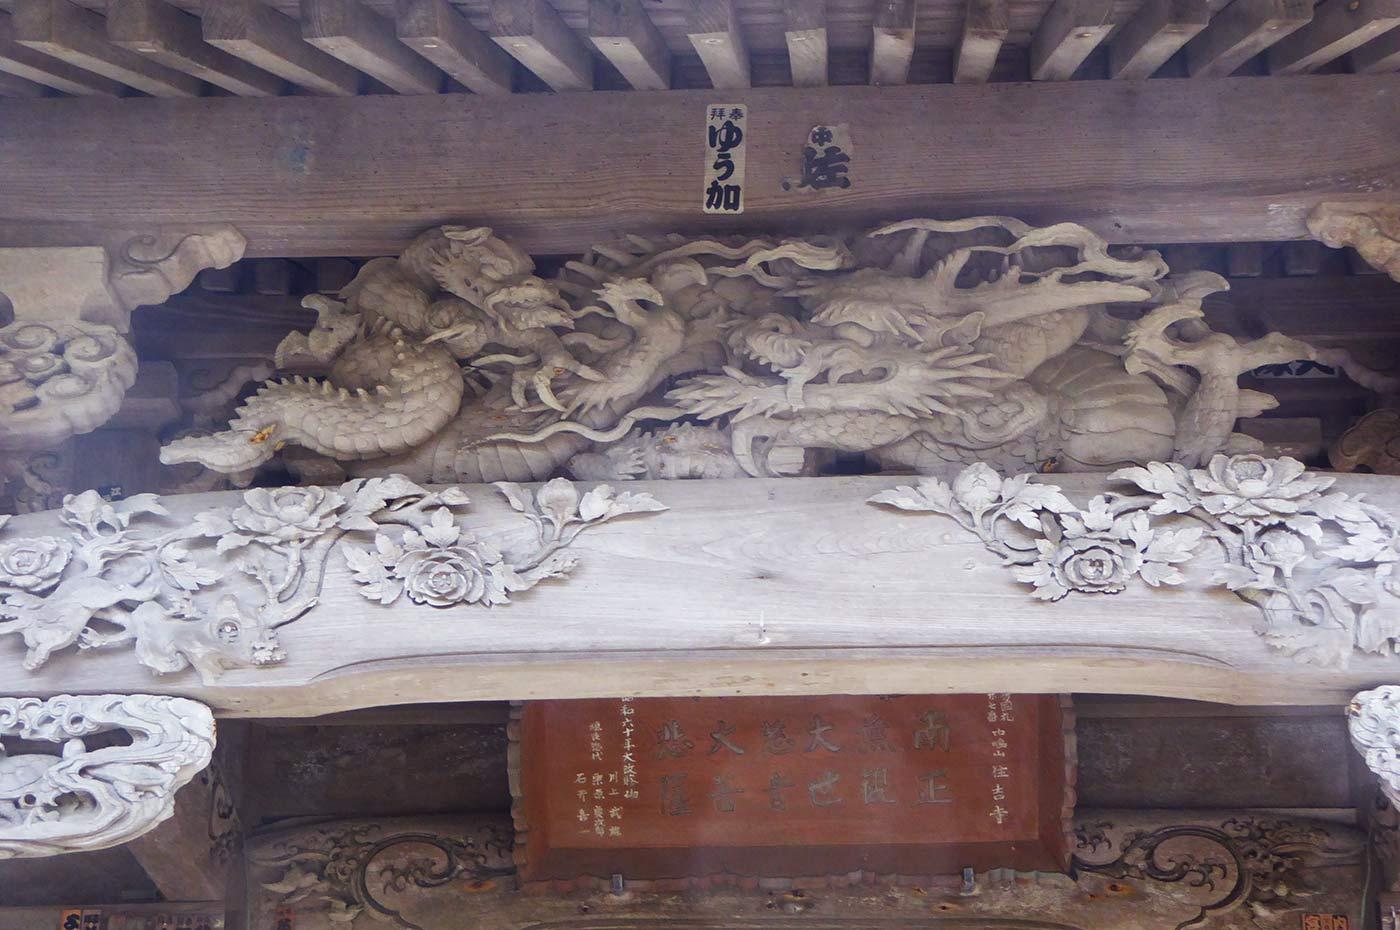 住吉寺観音堂 初代後藤義光の龍の彫刻